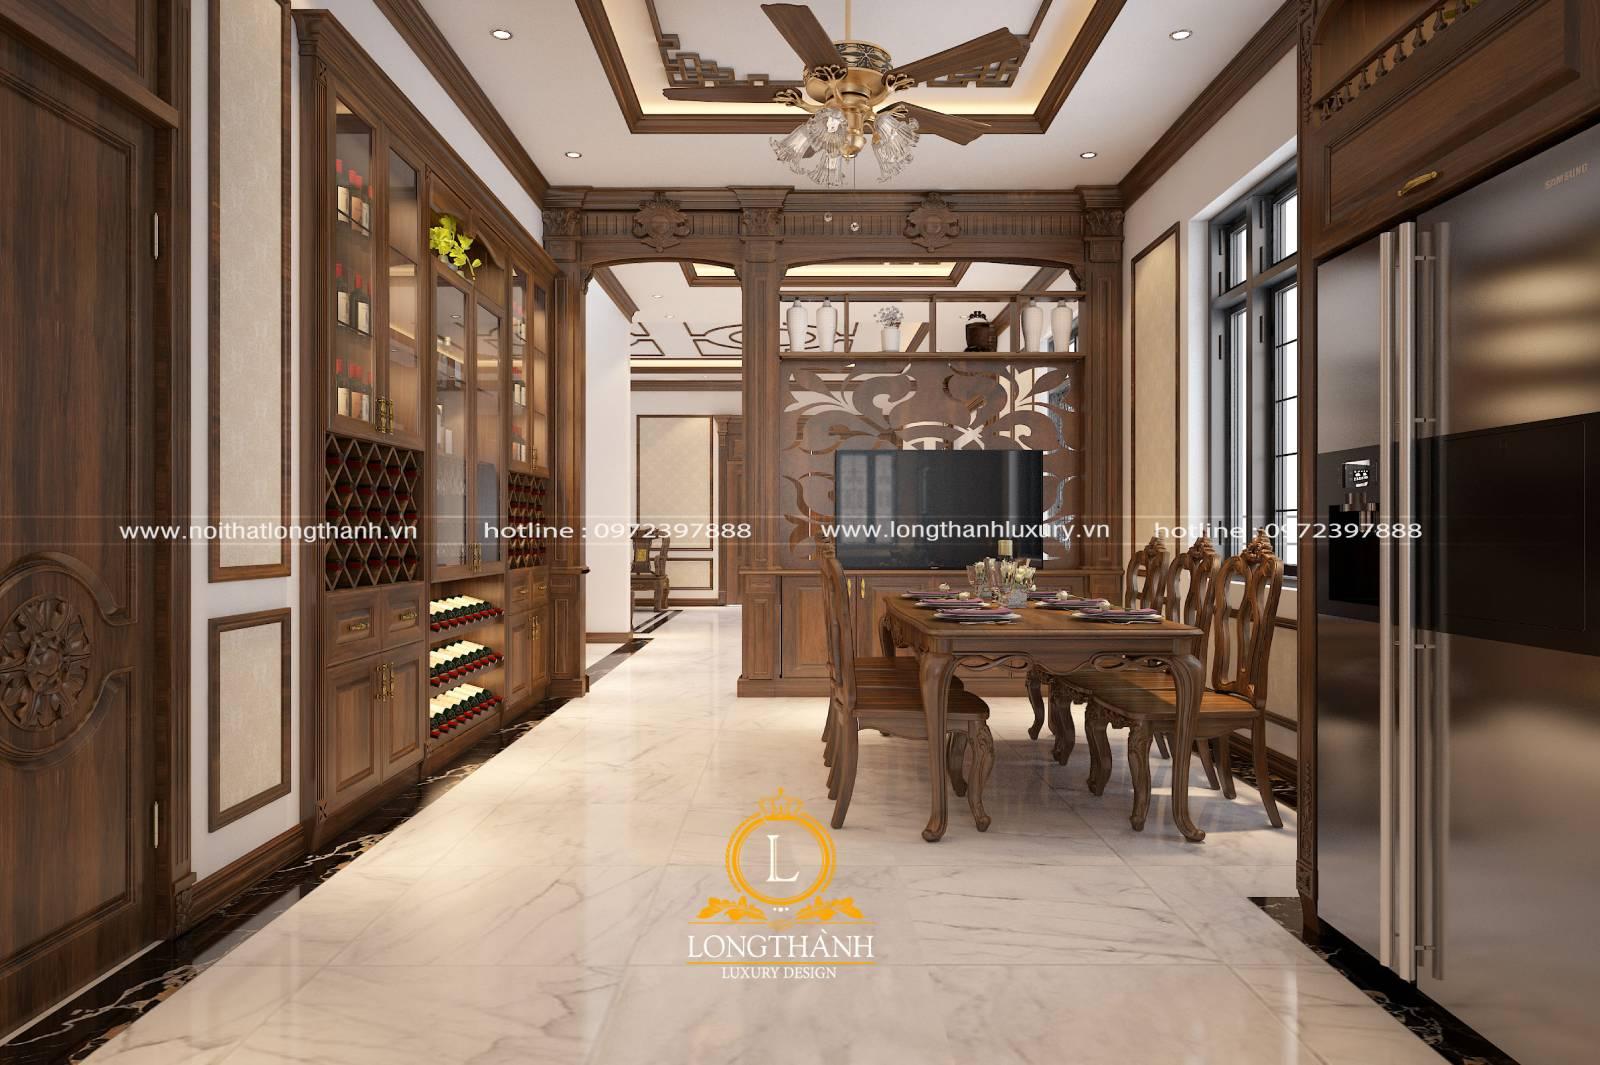 Không gian phòng bếp sang trọng hiện đại với mẫu tủ bếp và bàn ăn làm từ gỗ Gõ đỏ